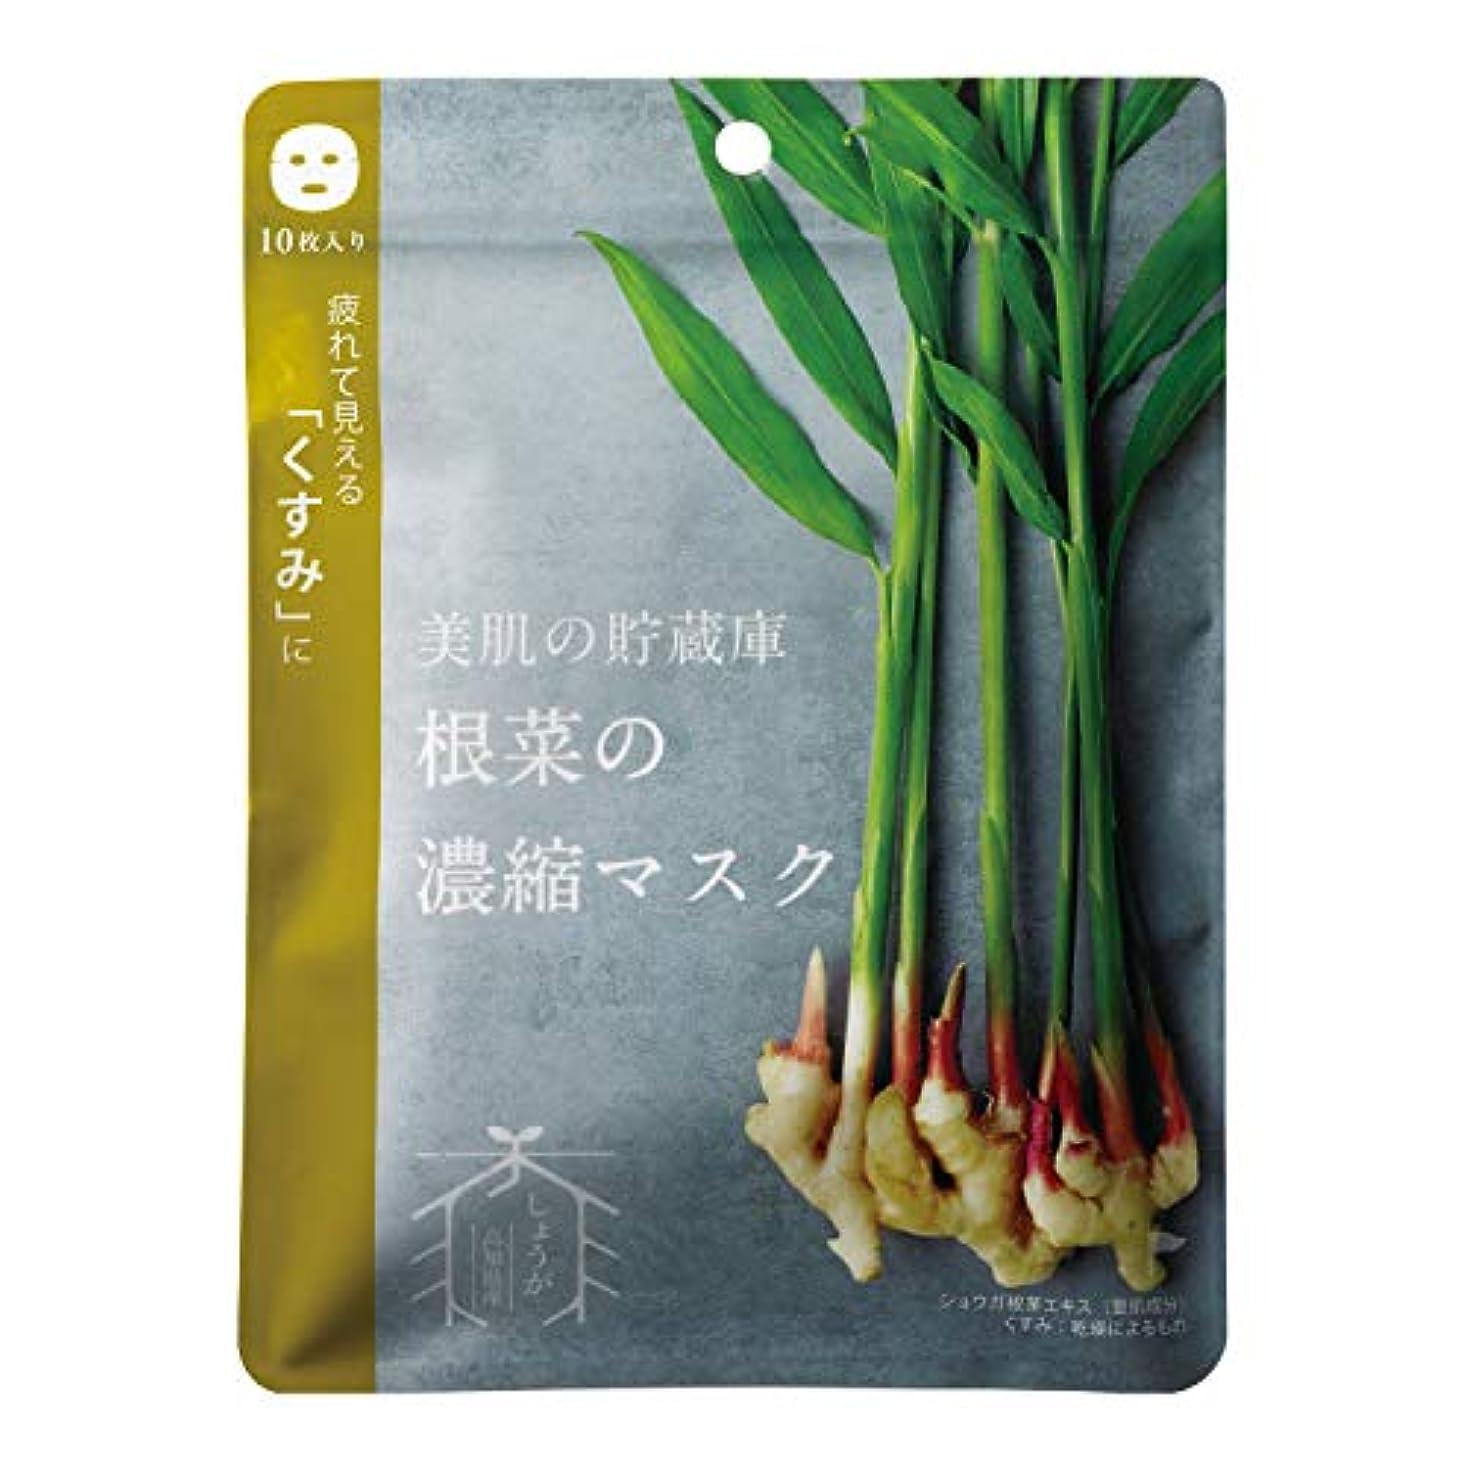 汚物形市町村@cosme nippon 美肌の貯蔵庫 根菜の濃縮マスク 土佐一しょうが 10枚 160ml